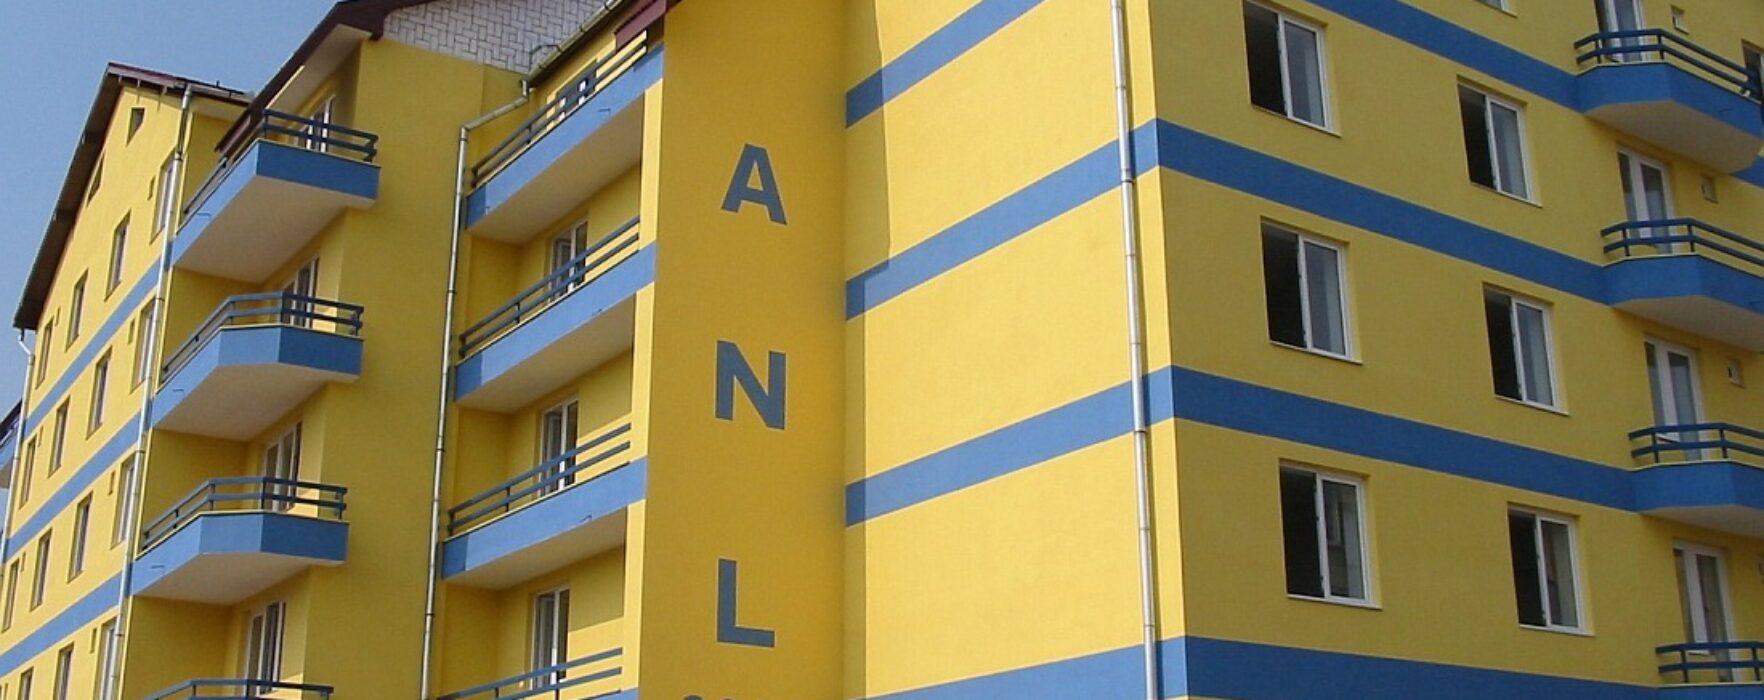 Primăria Târgovişte anunţă controale la apartamentele ANL atribuite, dar nelocuite